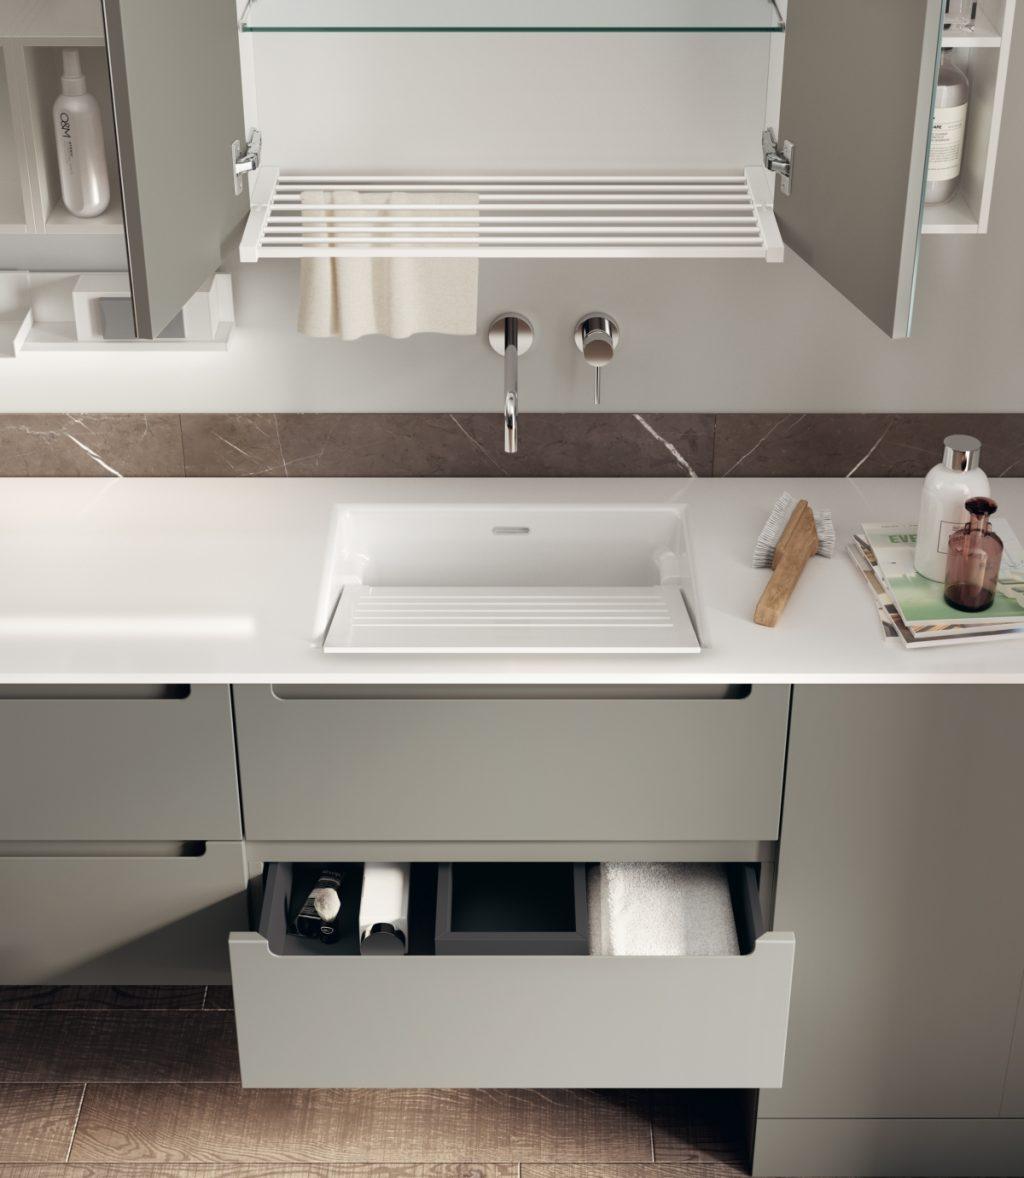 Espace de lavage par Scavolini Salle de bain